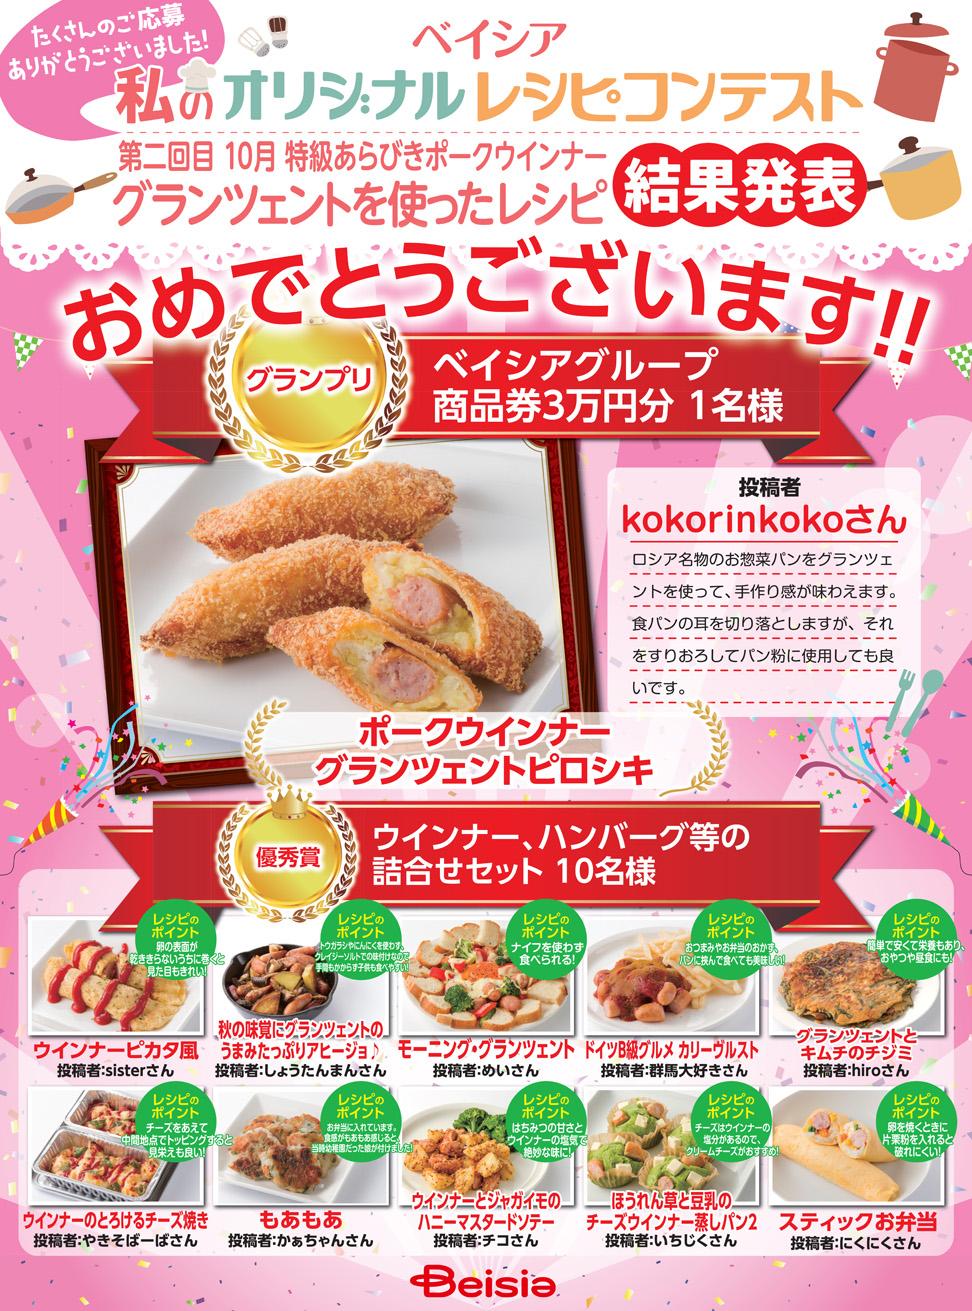 第2回レシピコンテスト受賞レシピ